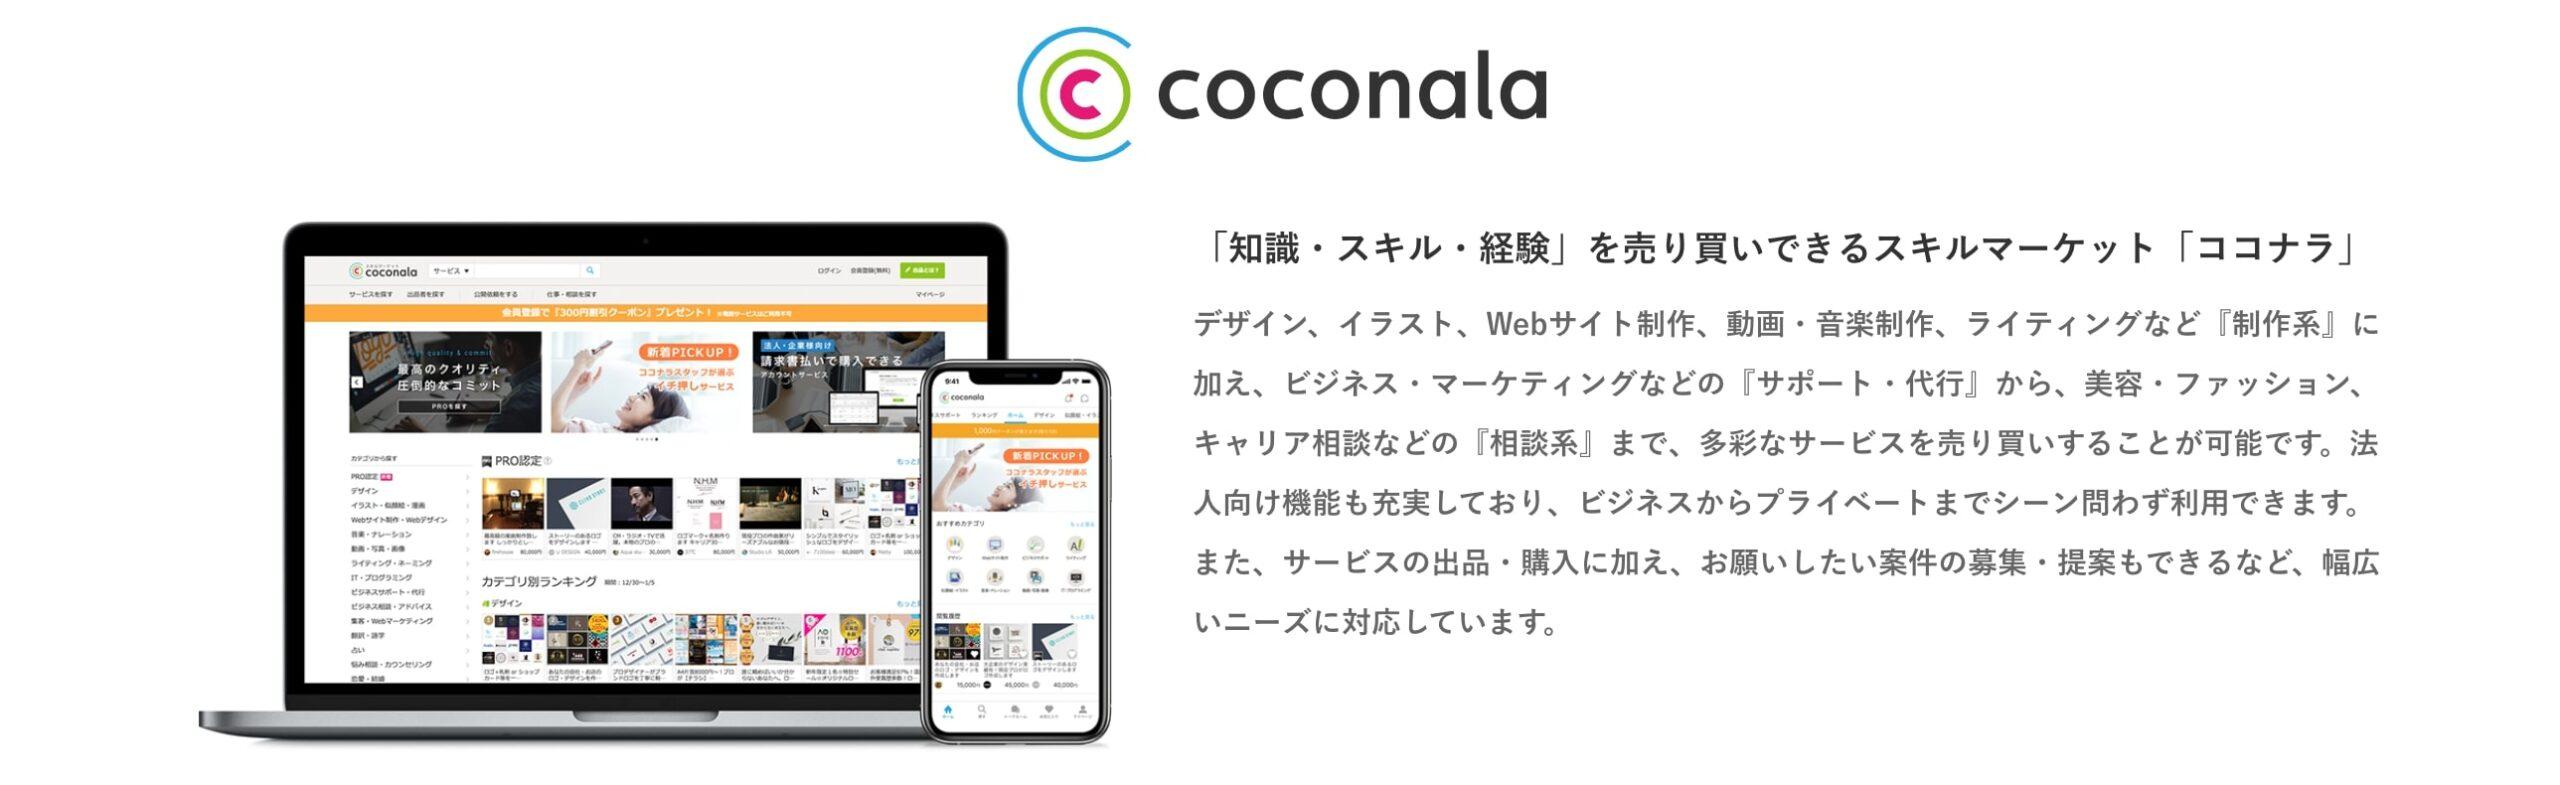 ココナラ|スキルシェアの販売マーケット